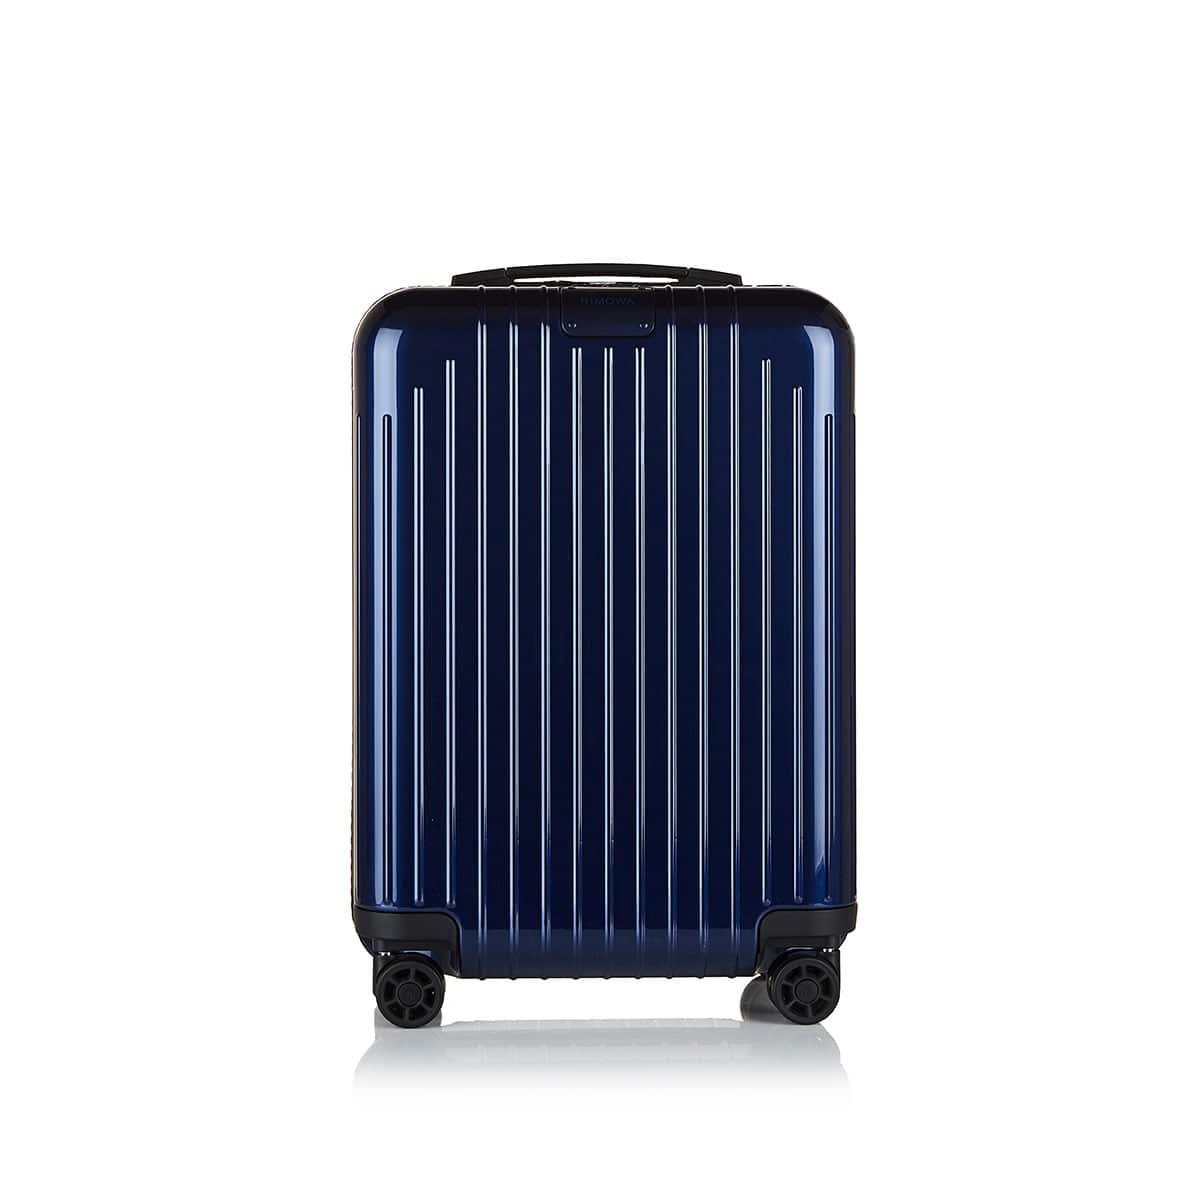 Cabin suitcase